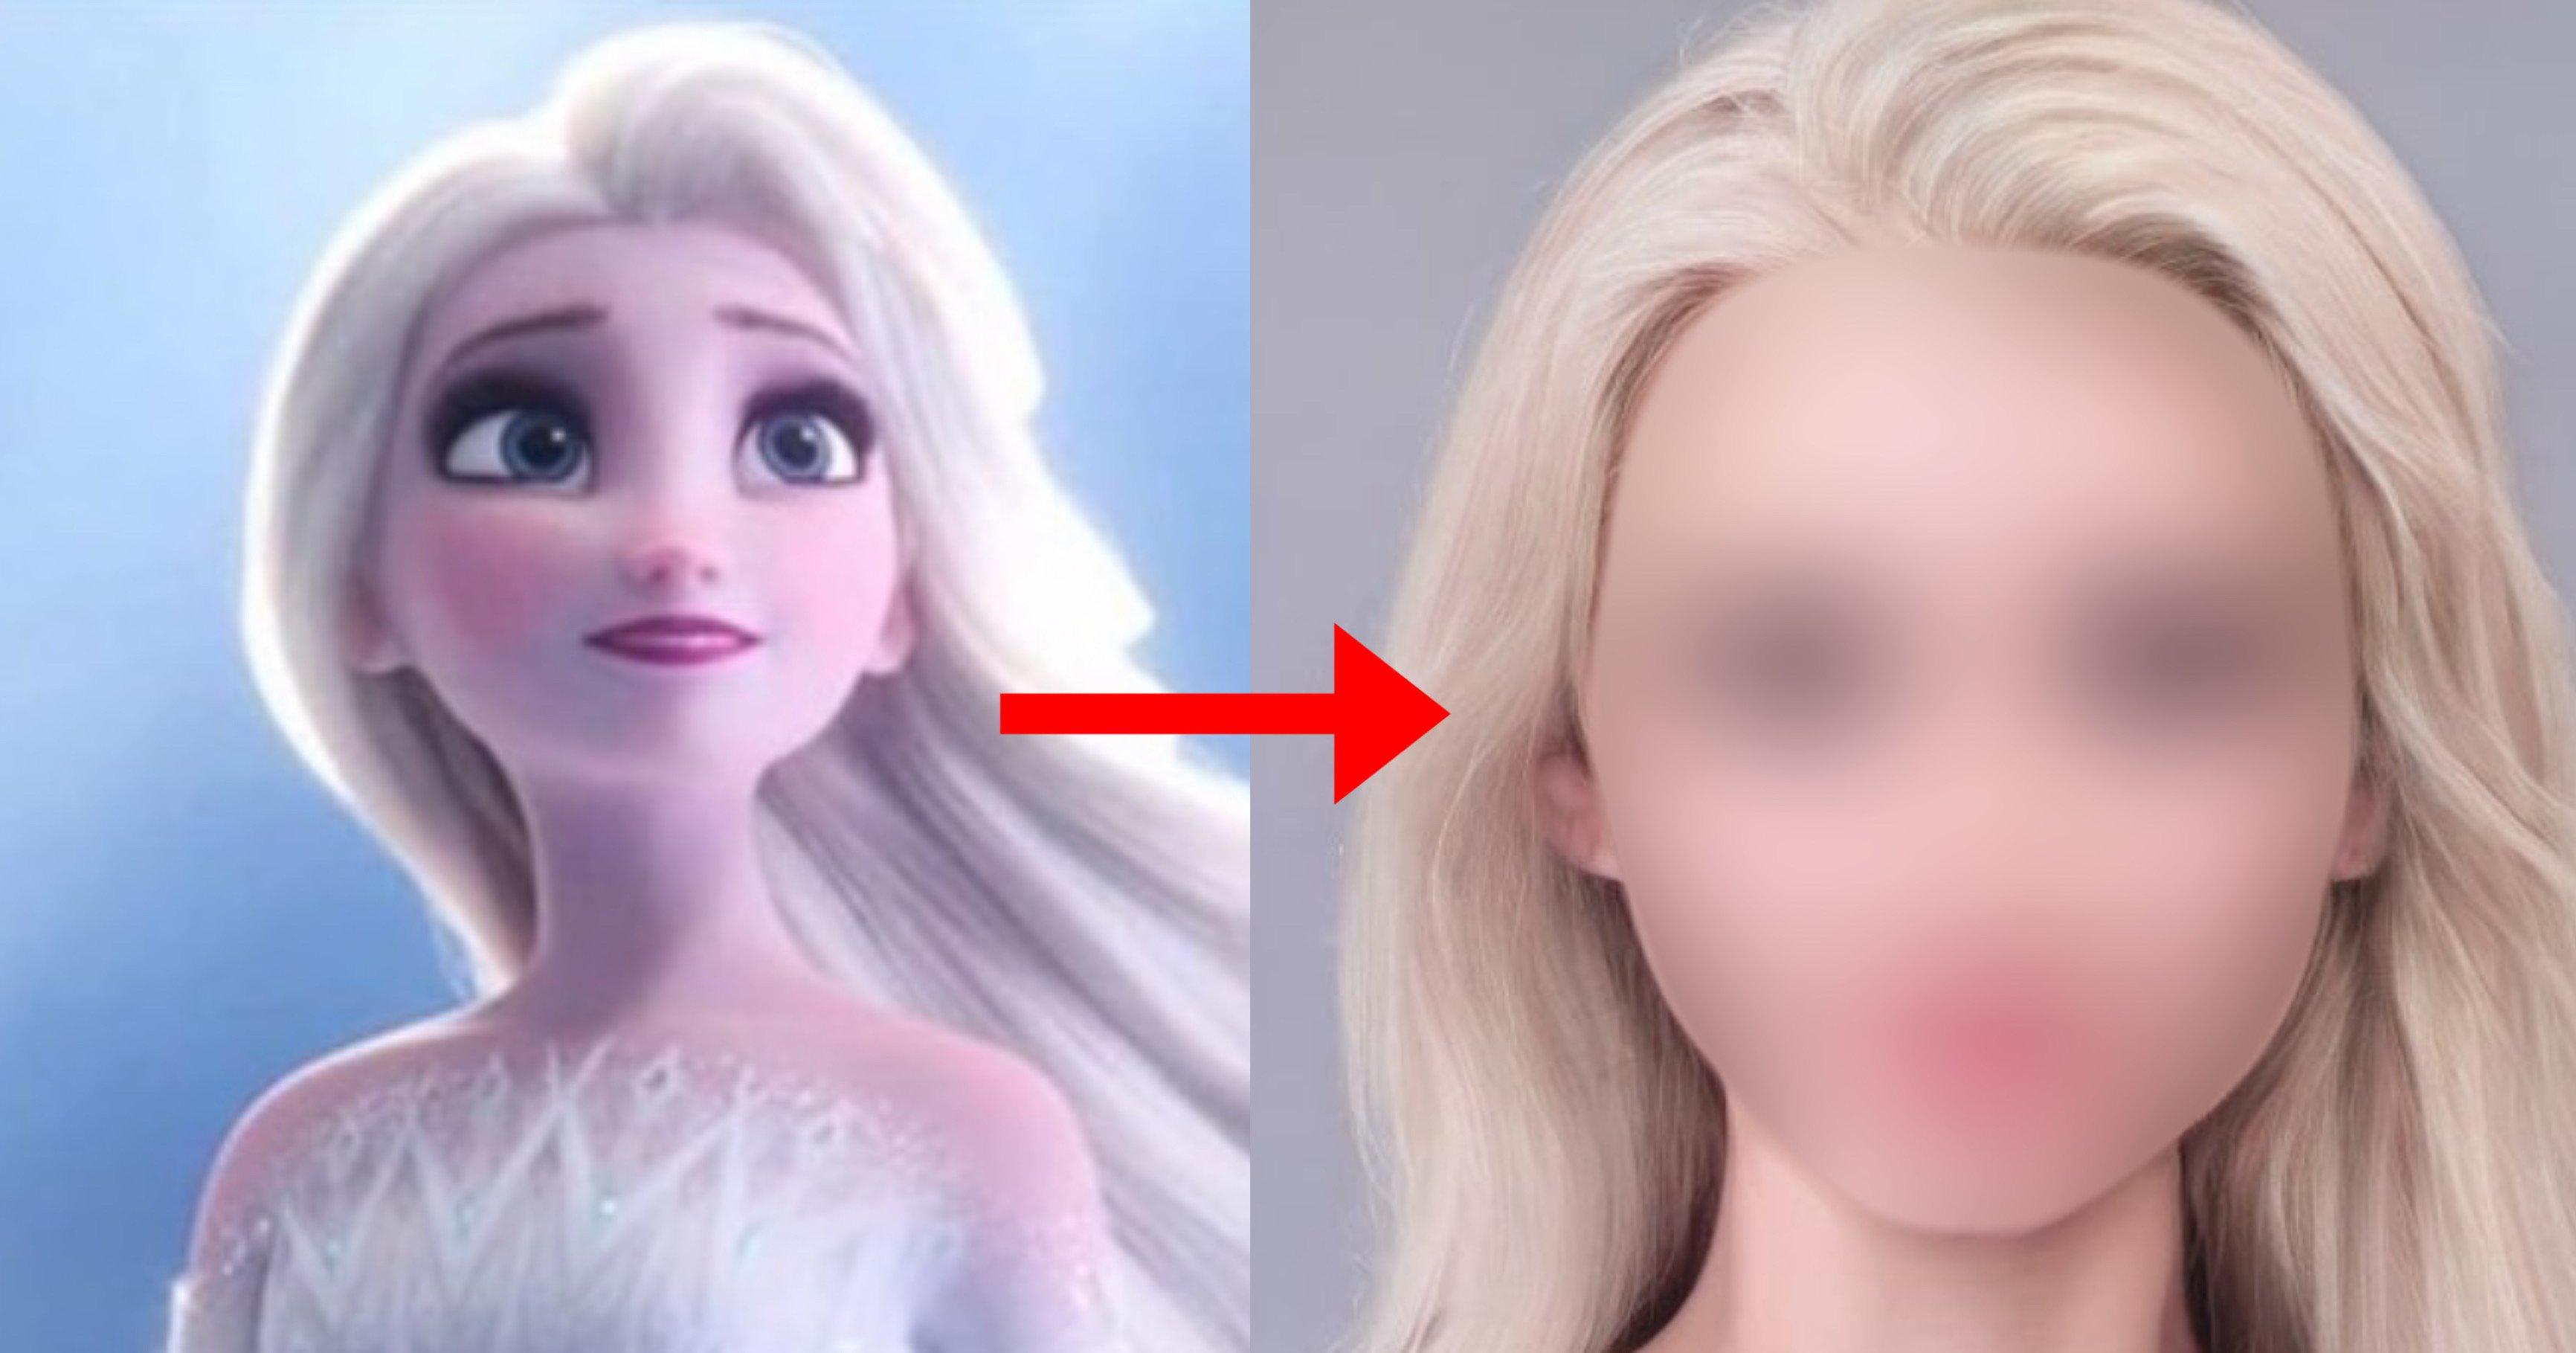 """9b796803 6462 4dbf 98a8 cab6d77523b3.jpeg?resize=412,232 - """"디즈니가 실사판으로 나온다면?""""인공지능이 만들어 낸 디즈니 캐릭터가 실제 사람이었을 때 얼굴(+사진)"""